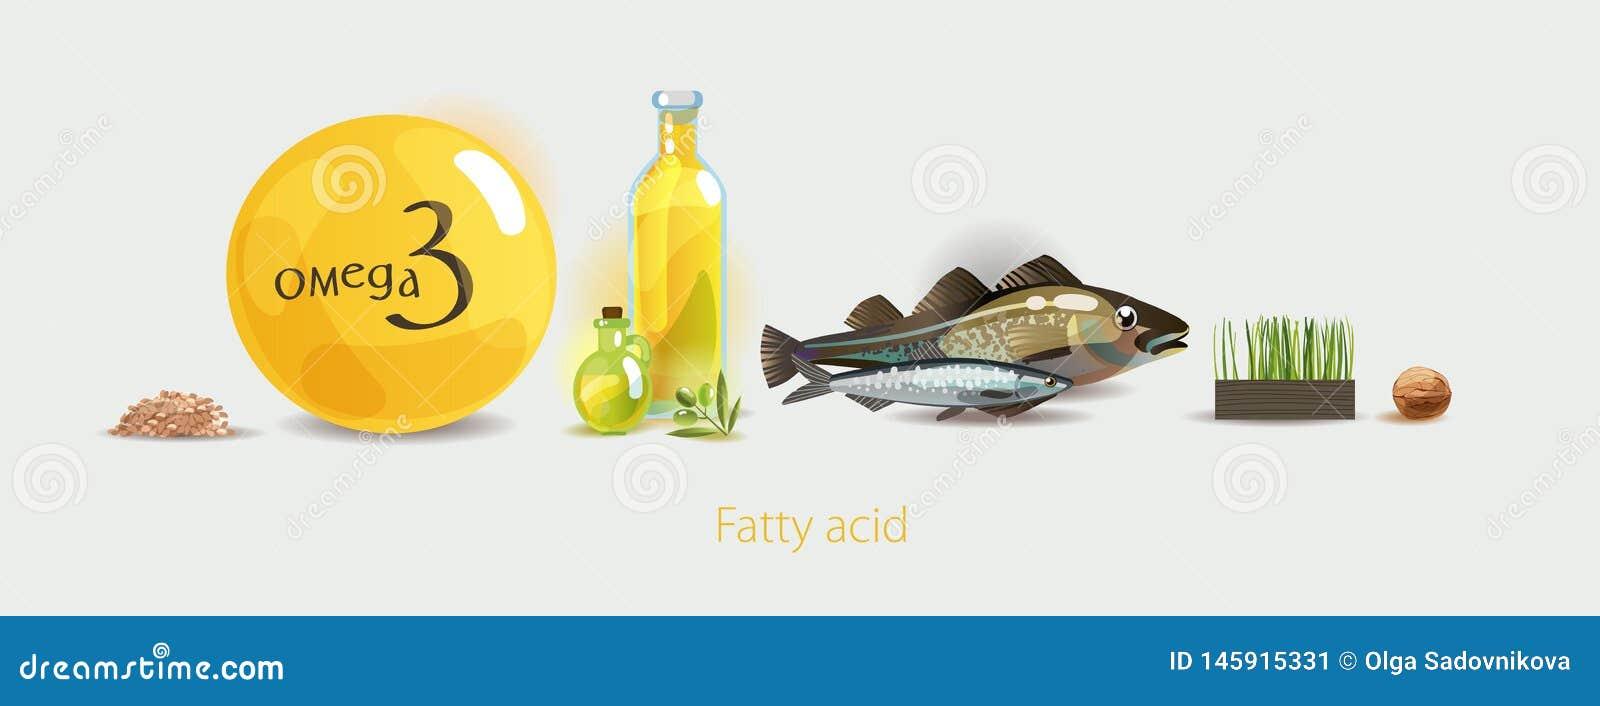 Omega 3 Podstawy zdrowy od?ywianie